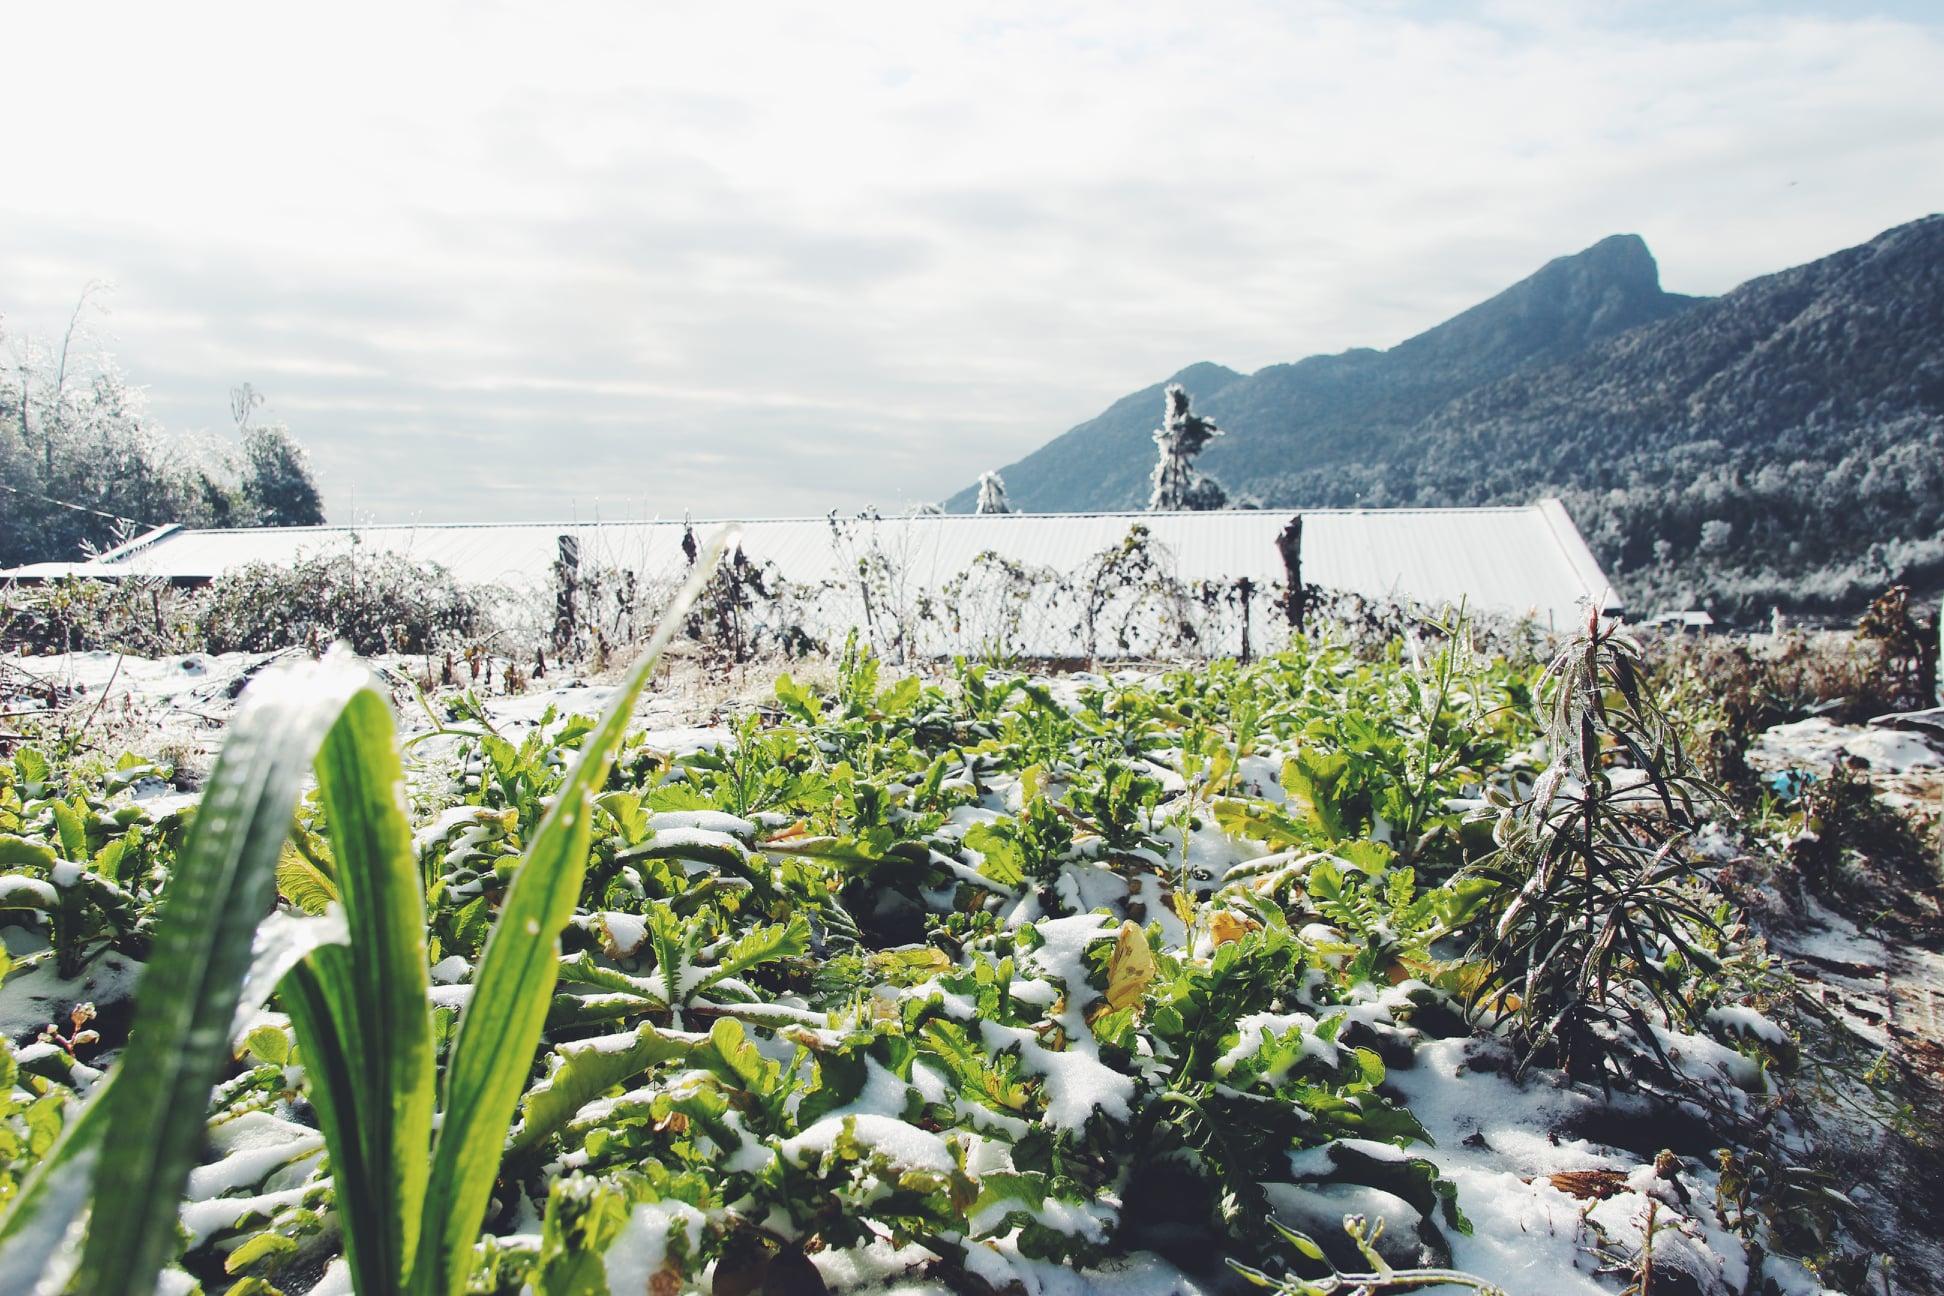 Những lưu ý khi du lịch Sapa ngắm tuyết - Nguồn ảnh: Bùi Hoàng Tùng